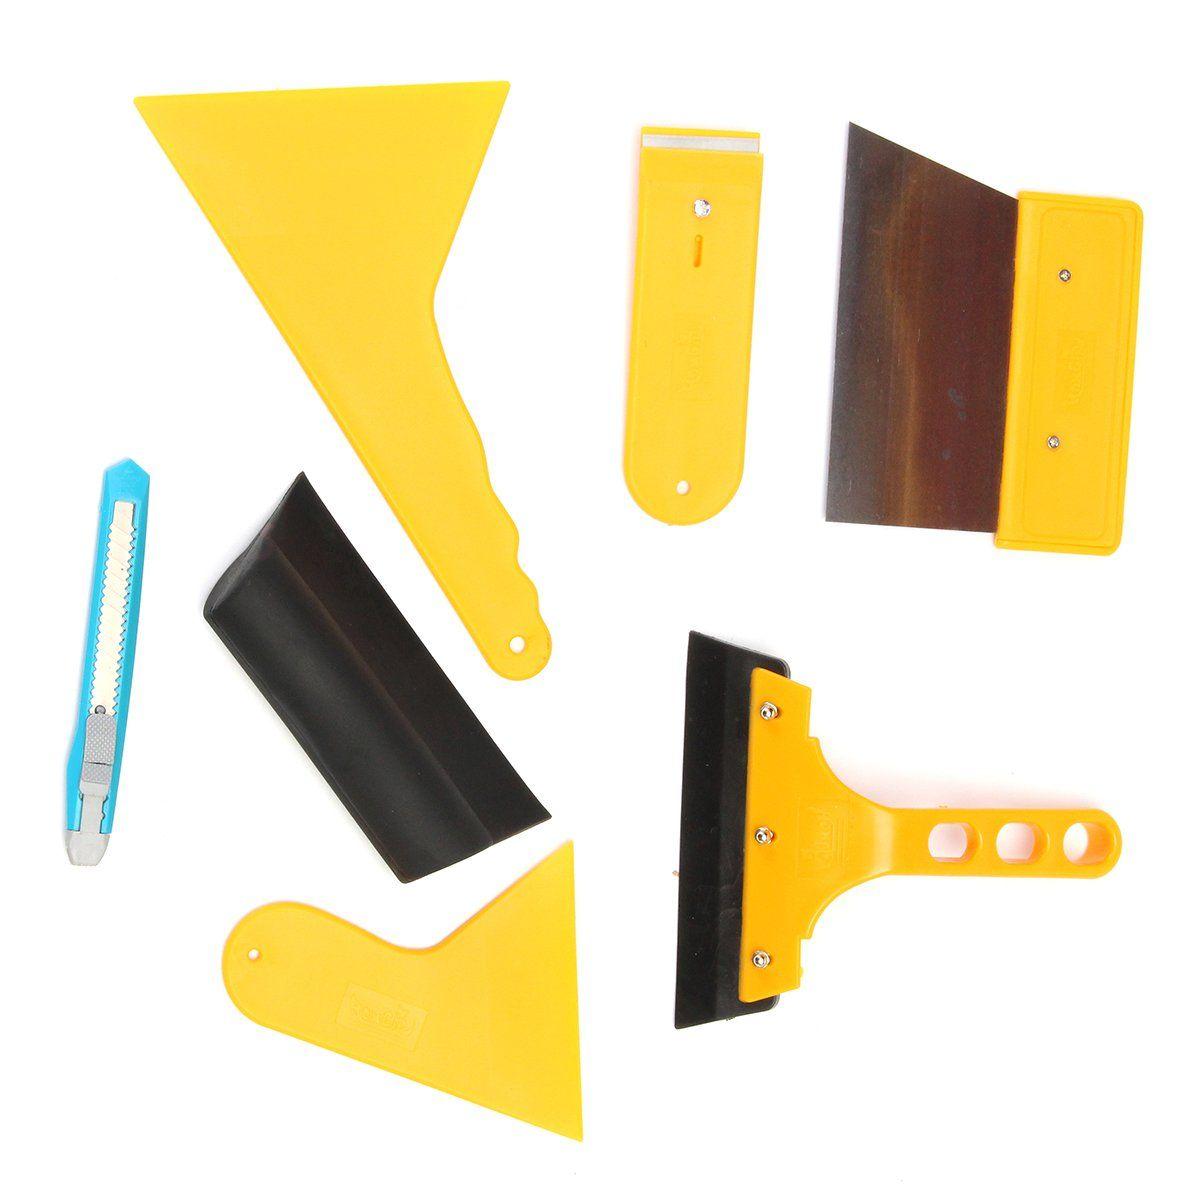 Car window tint tools kit film tinting scraper application